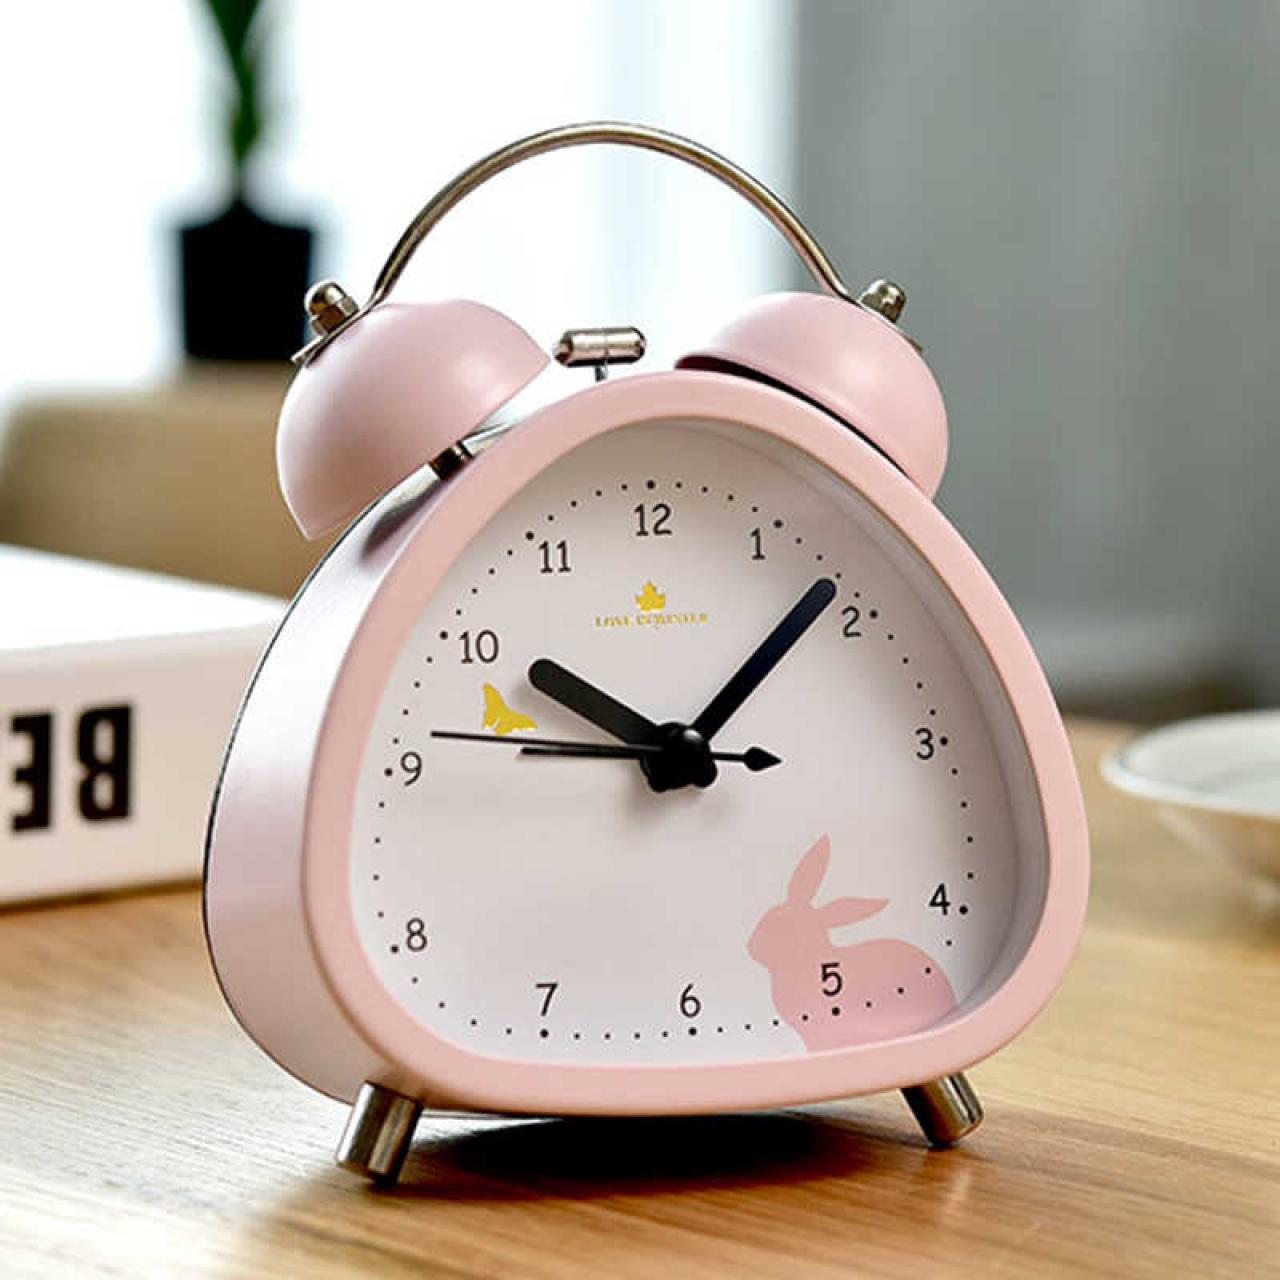 top 10 bai van mau ta cai dong ho bao thuc 1 - Top 10 bài văn mẫu tả cái đồng hồ báo thức